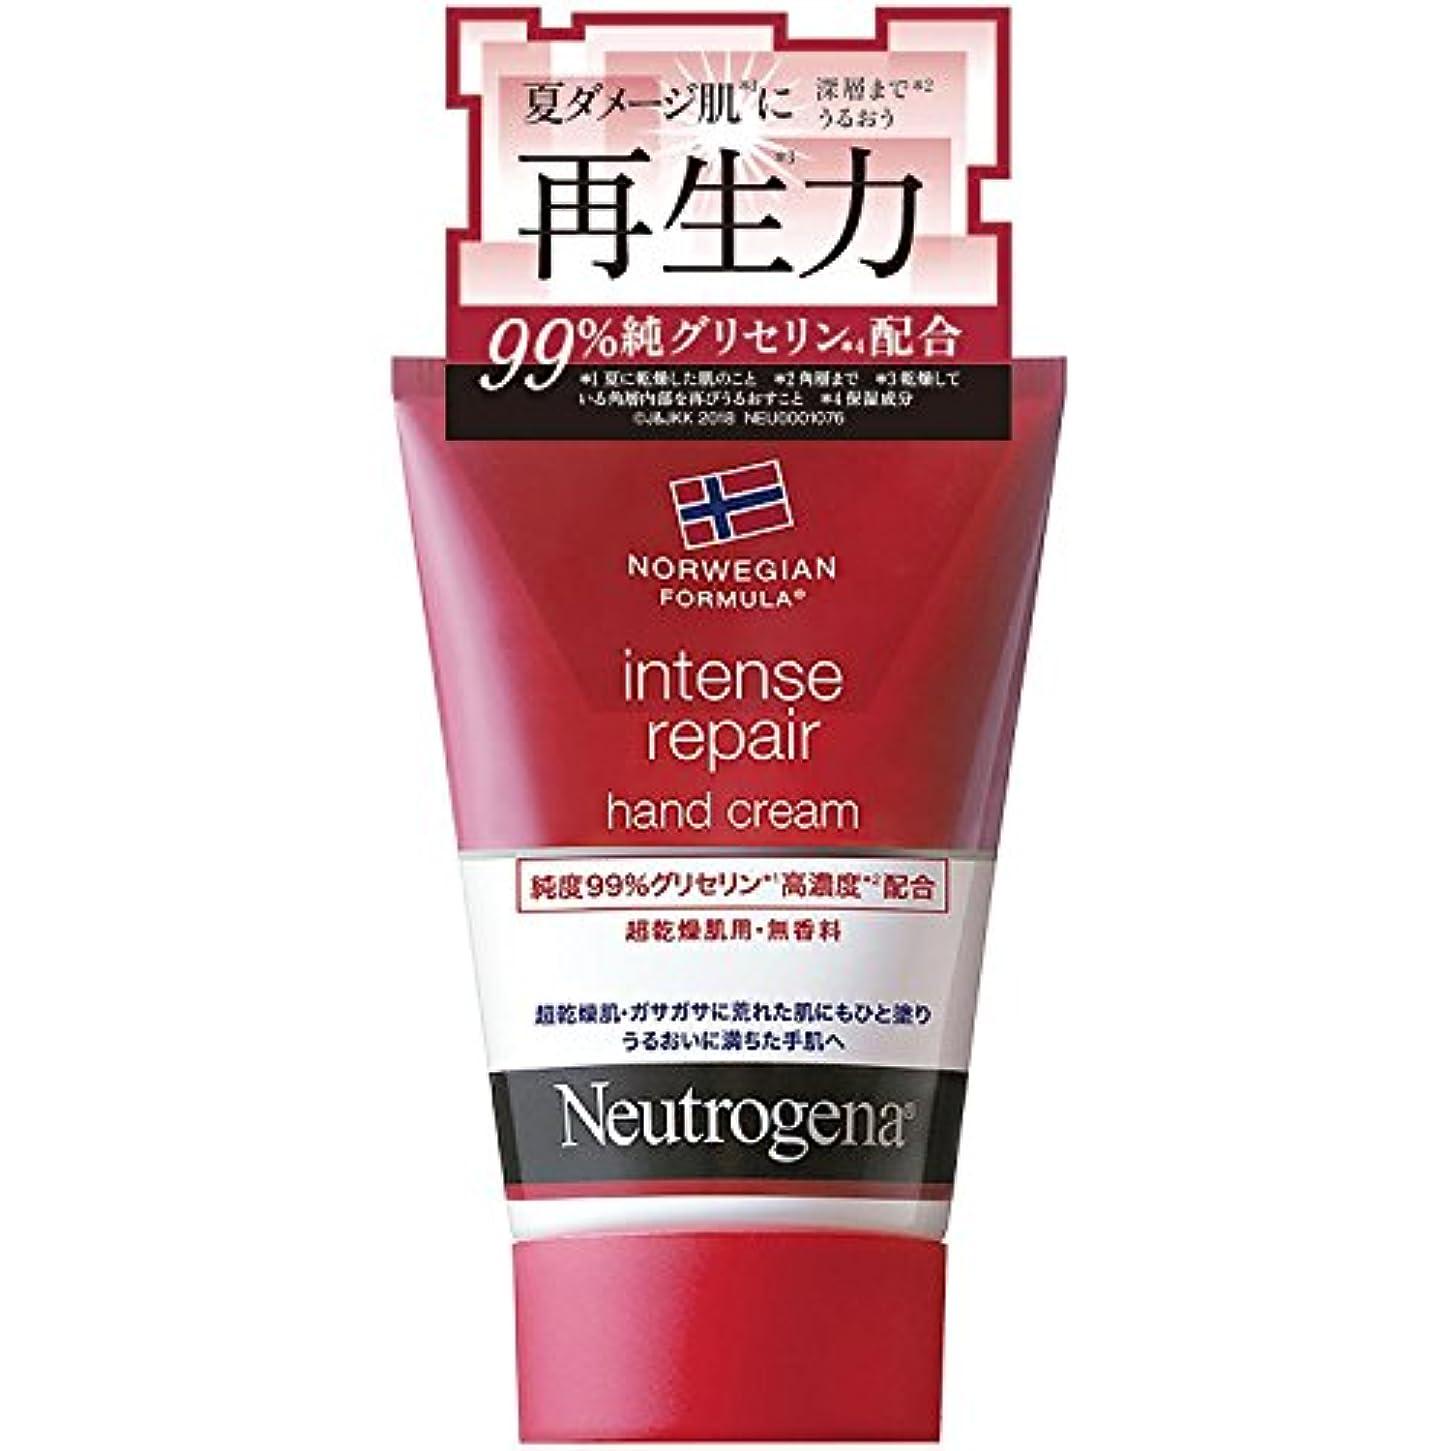 叫ぶカカドゥ民族主義Neutrogena(ニュートロジーナ) ノルウェーフォーミュラ インテンスリペア ハンドクリーム 超乾燥肌用 無香料 単品 50g